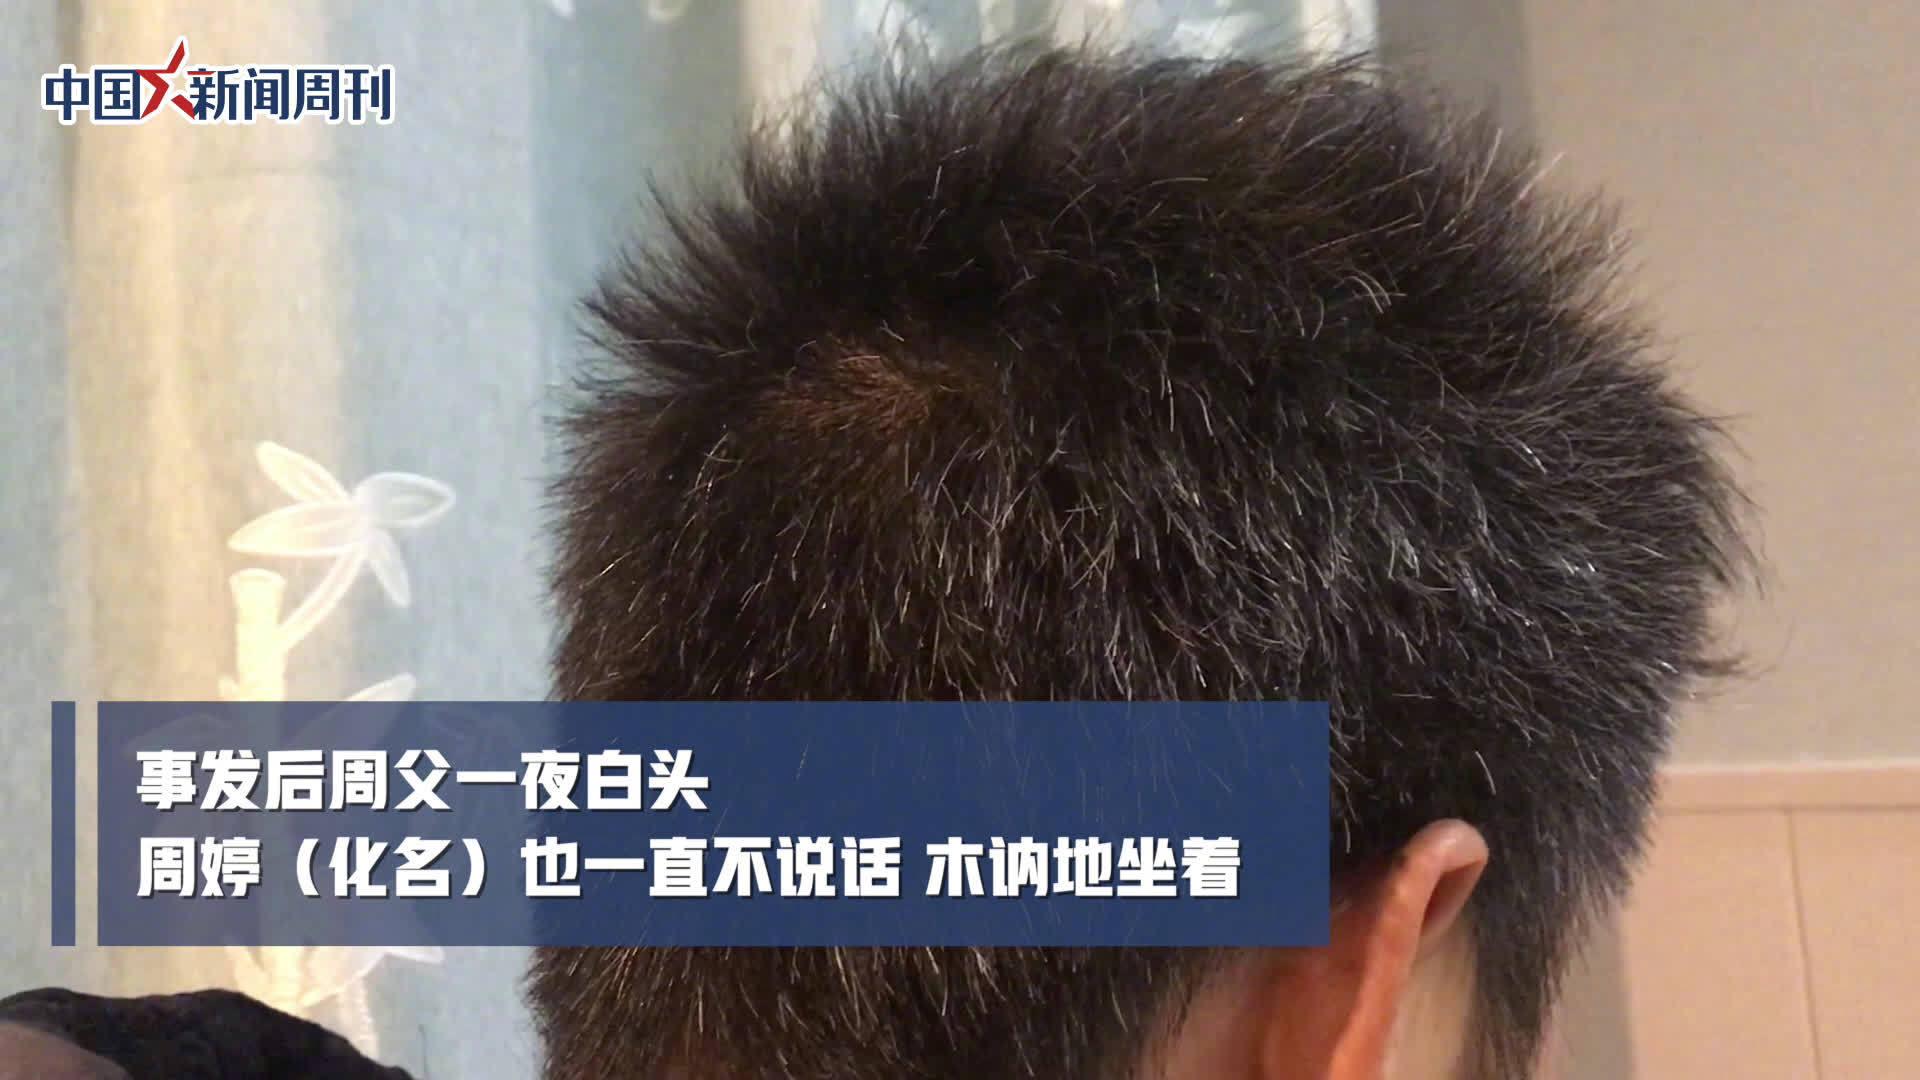 湖南祁东县未成年女孩遭多人性侵后在宾馆找到,其父一夜白头